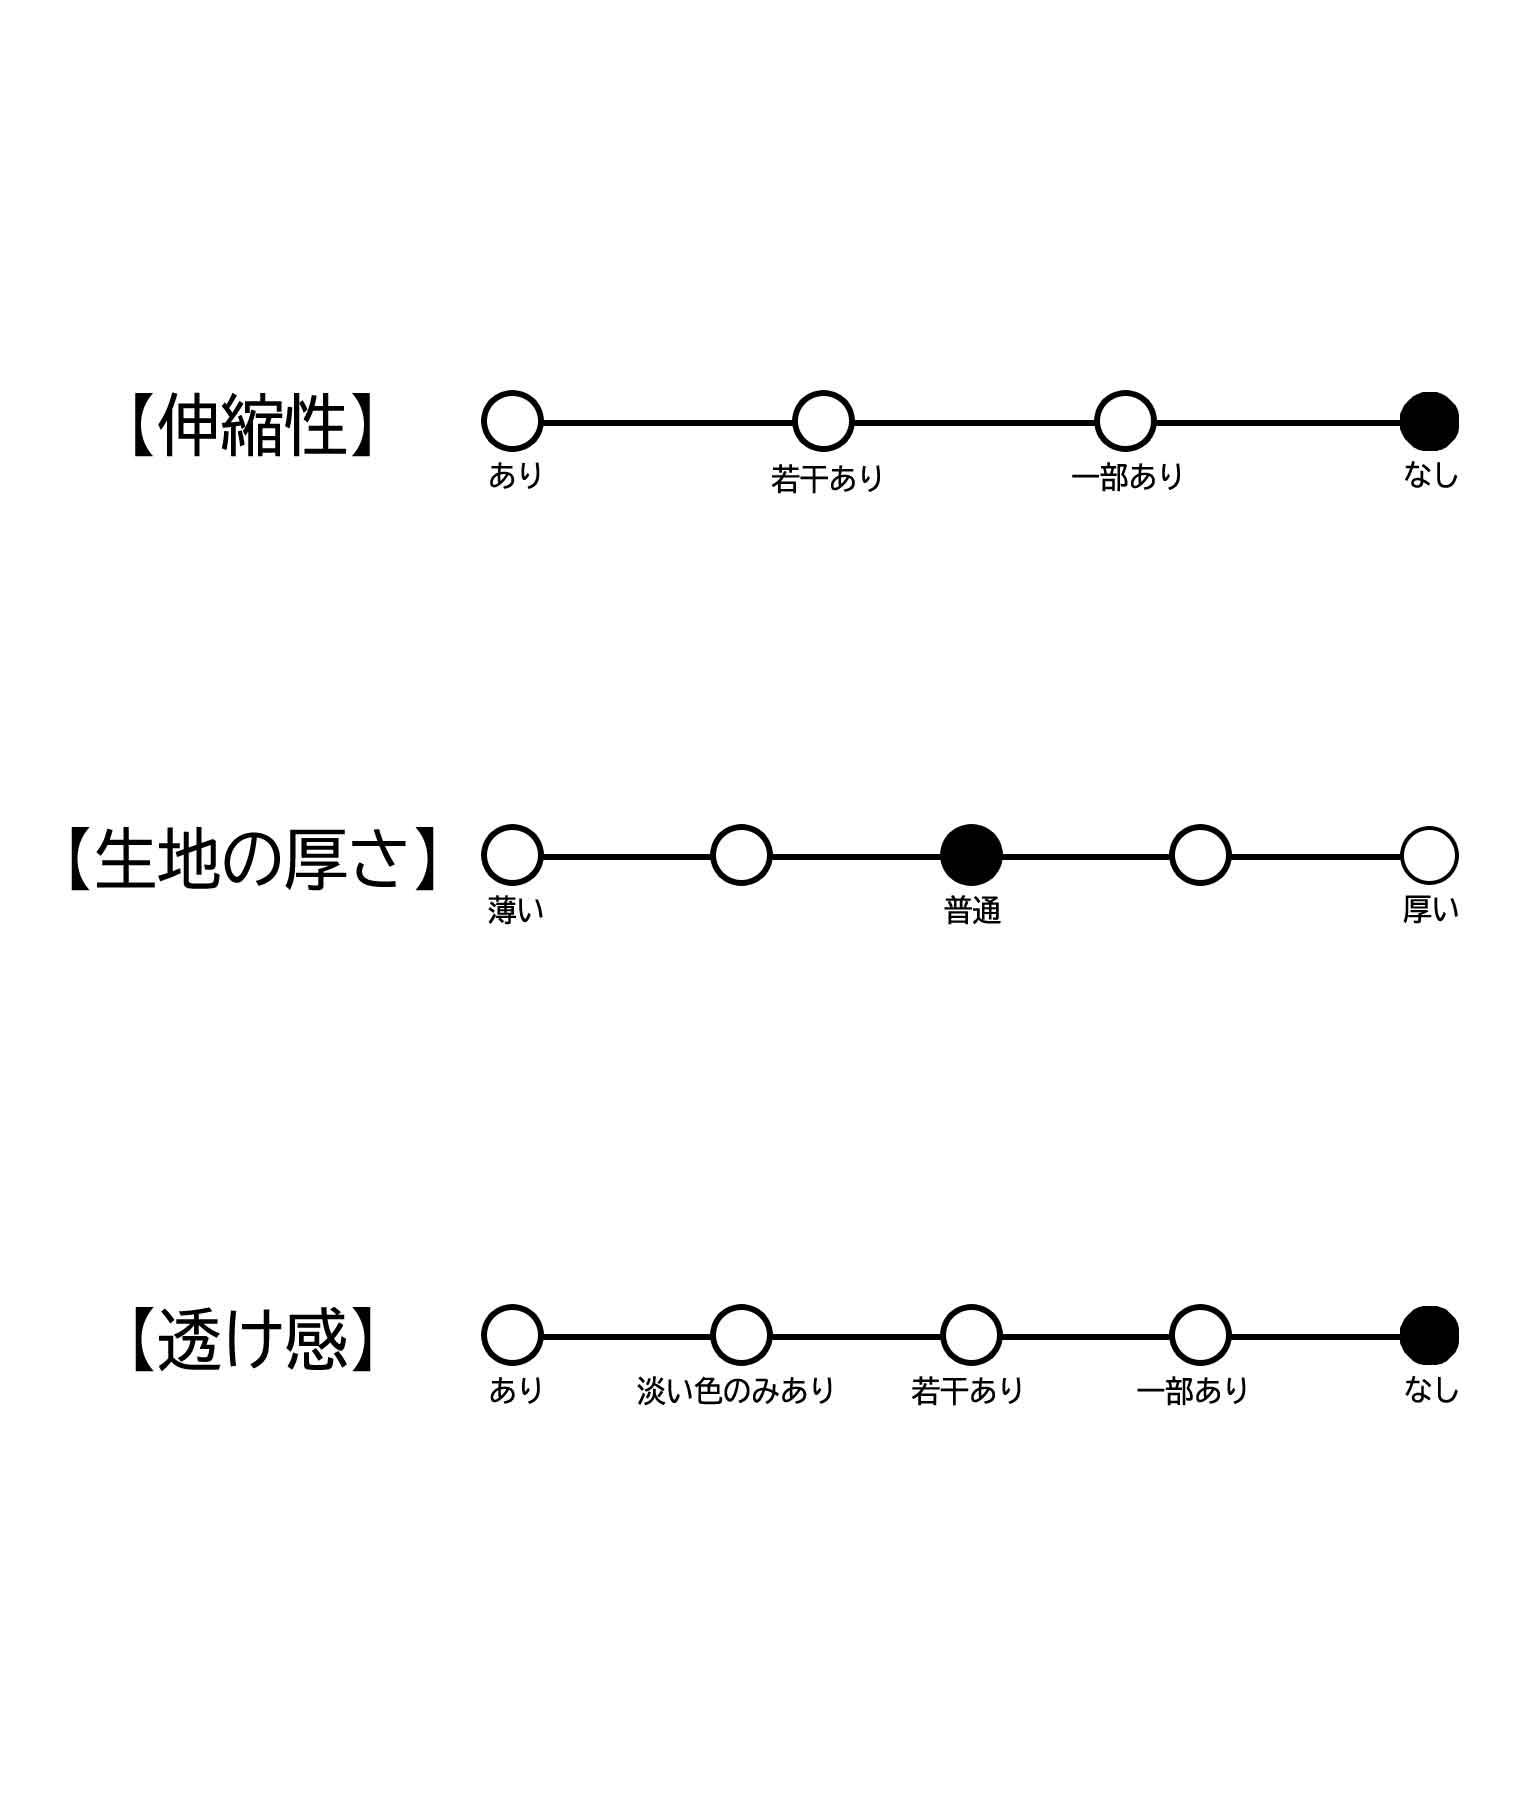 後ろバックルデザインスリットパンツ(ボトムス・パンツ /ロングパンツ)   CHILLE